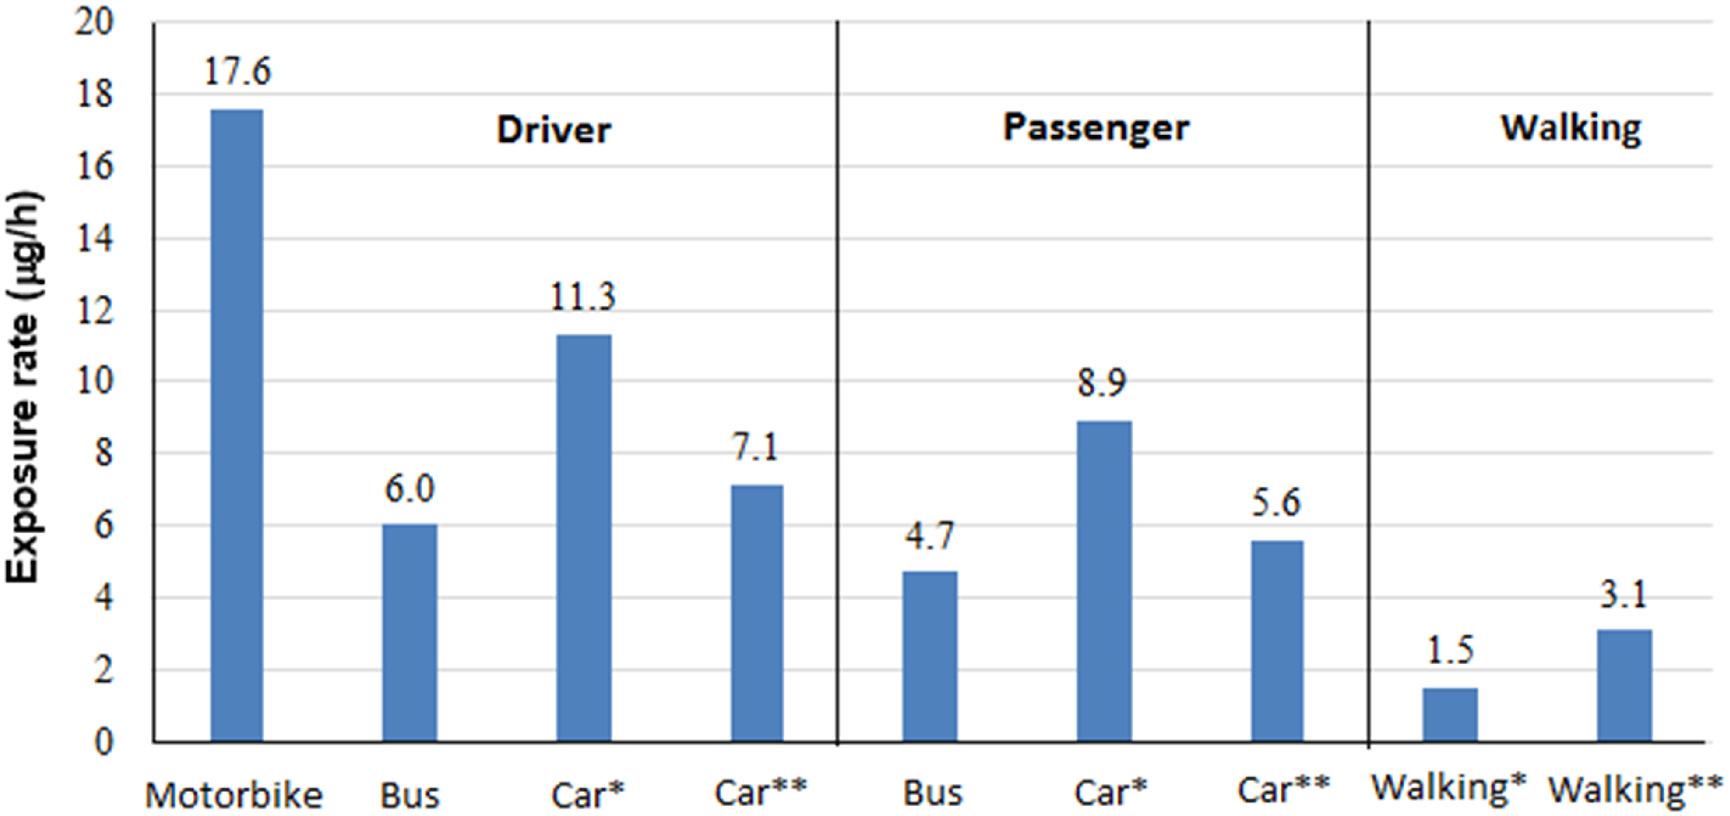 Nghiên cứu: Người đi xe máy ở Hà Nội đang bị phơi nhiễm carbon đen gấp 3 lần người đi xe bus 8